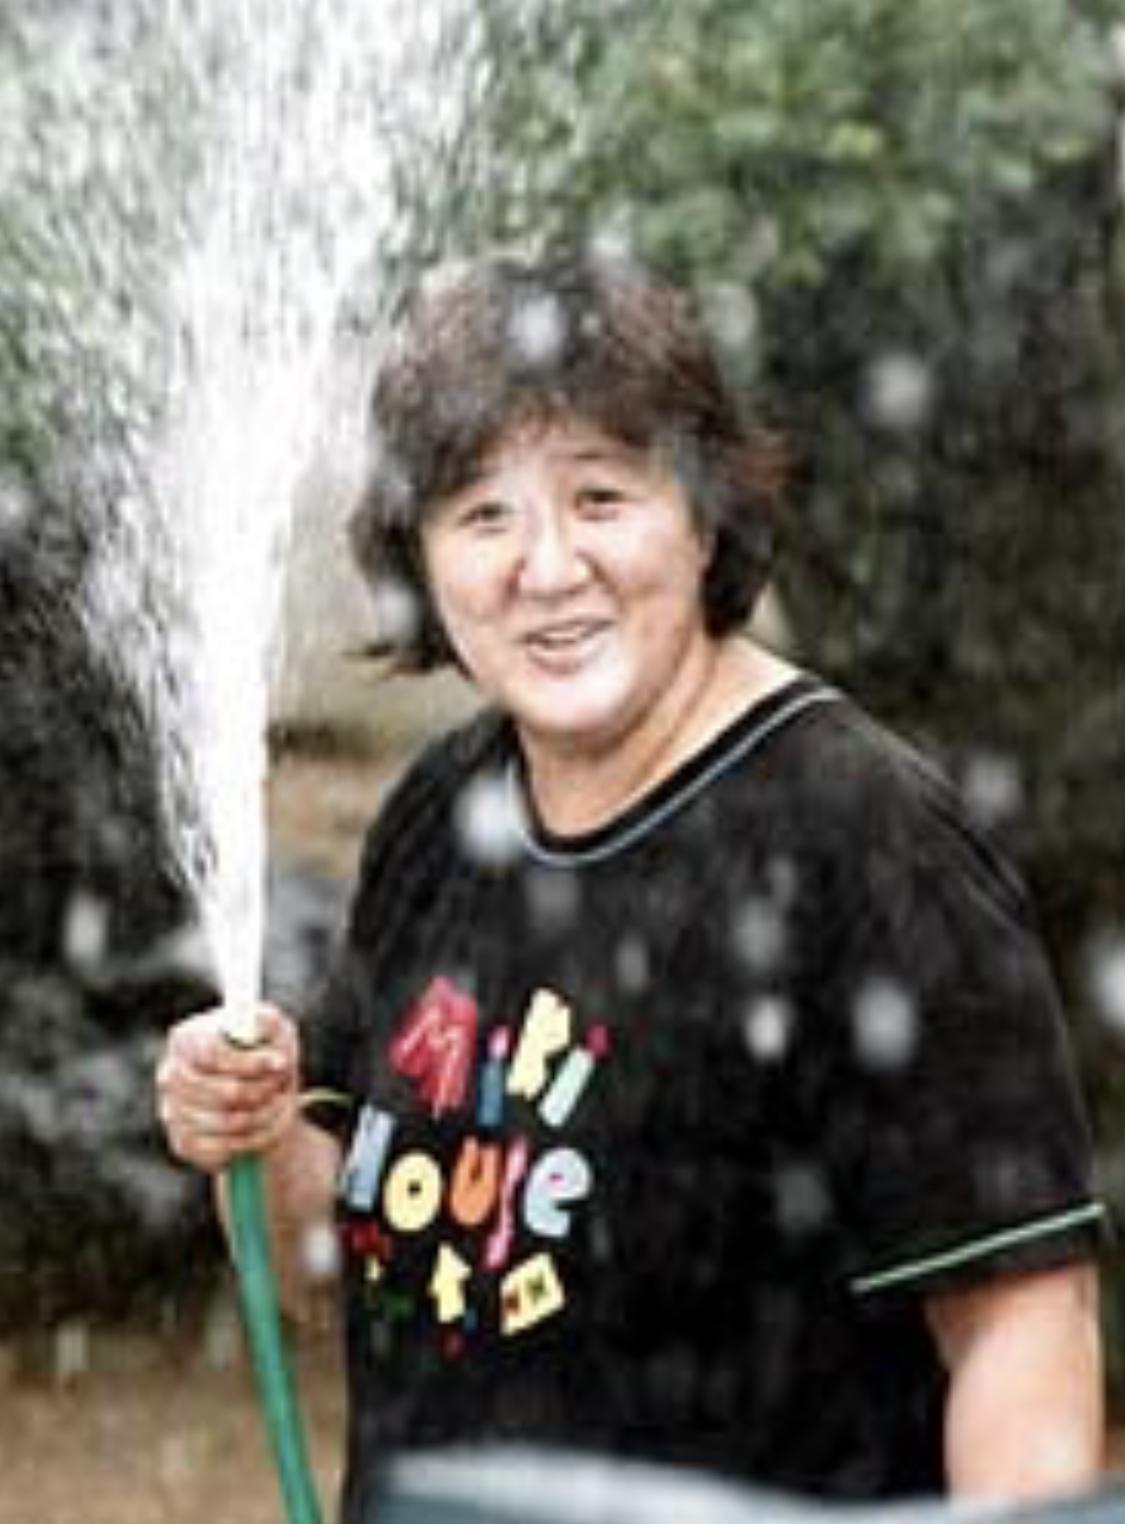 和歌山毒物カレー事件でニュースにいつもホースで水をまく林真須美が放送されていた